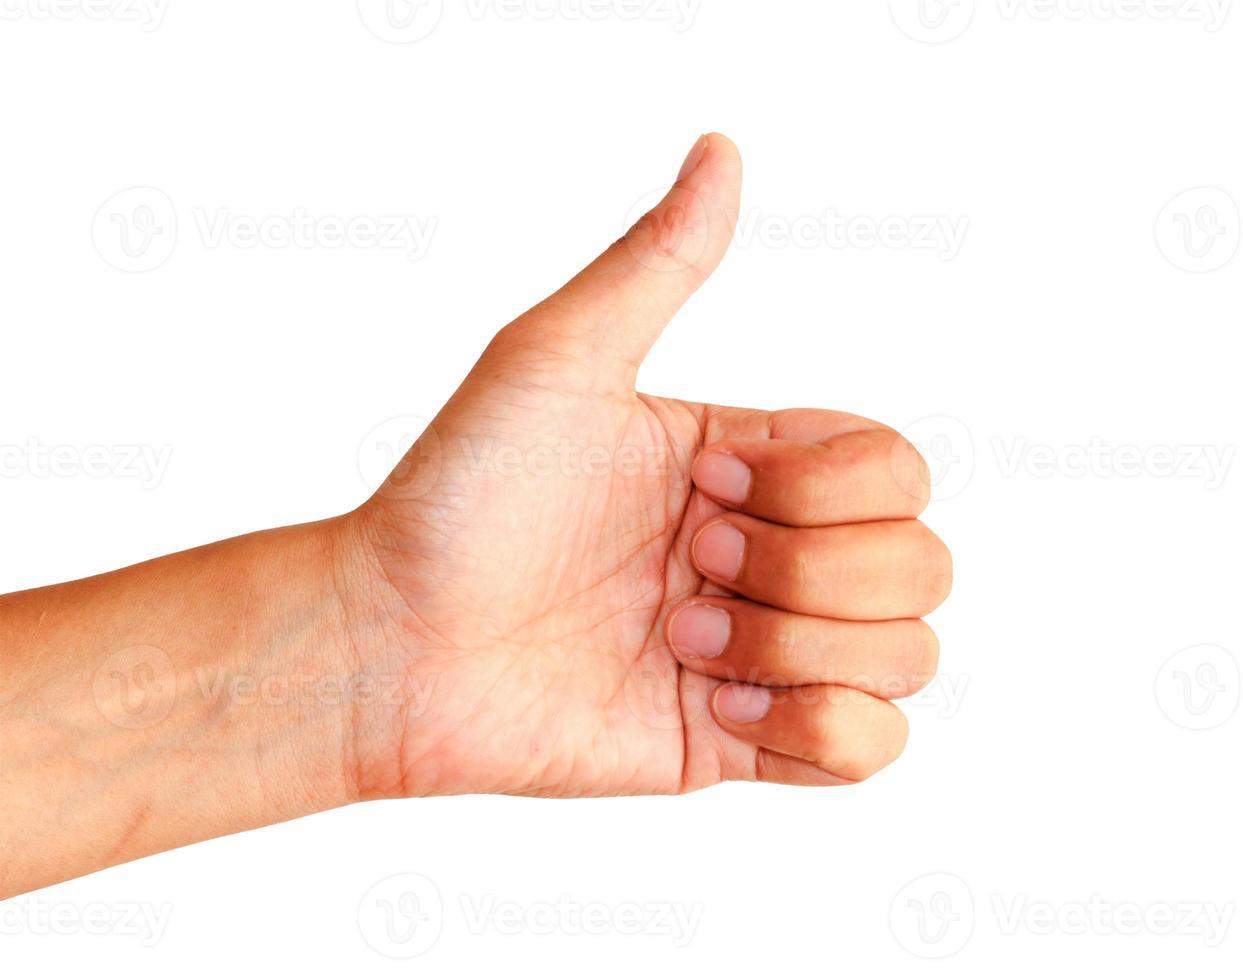 gest av handen på vit bakgrund foto